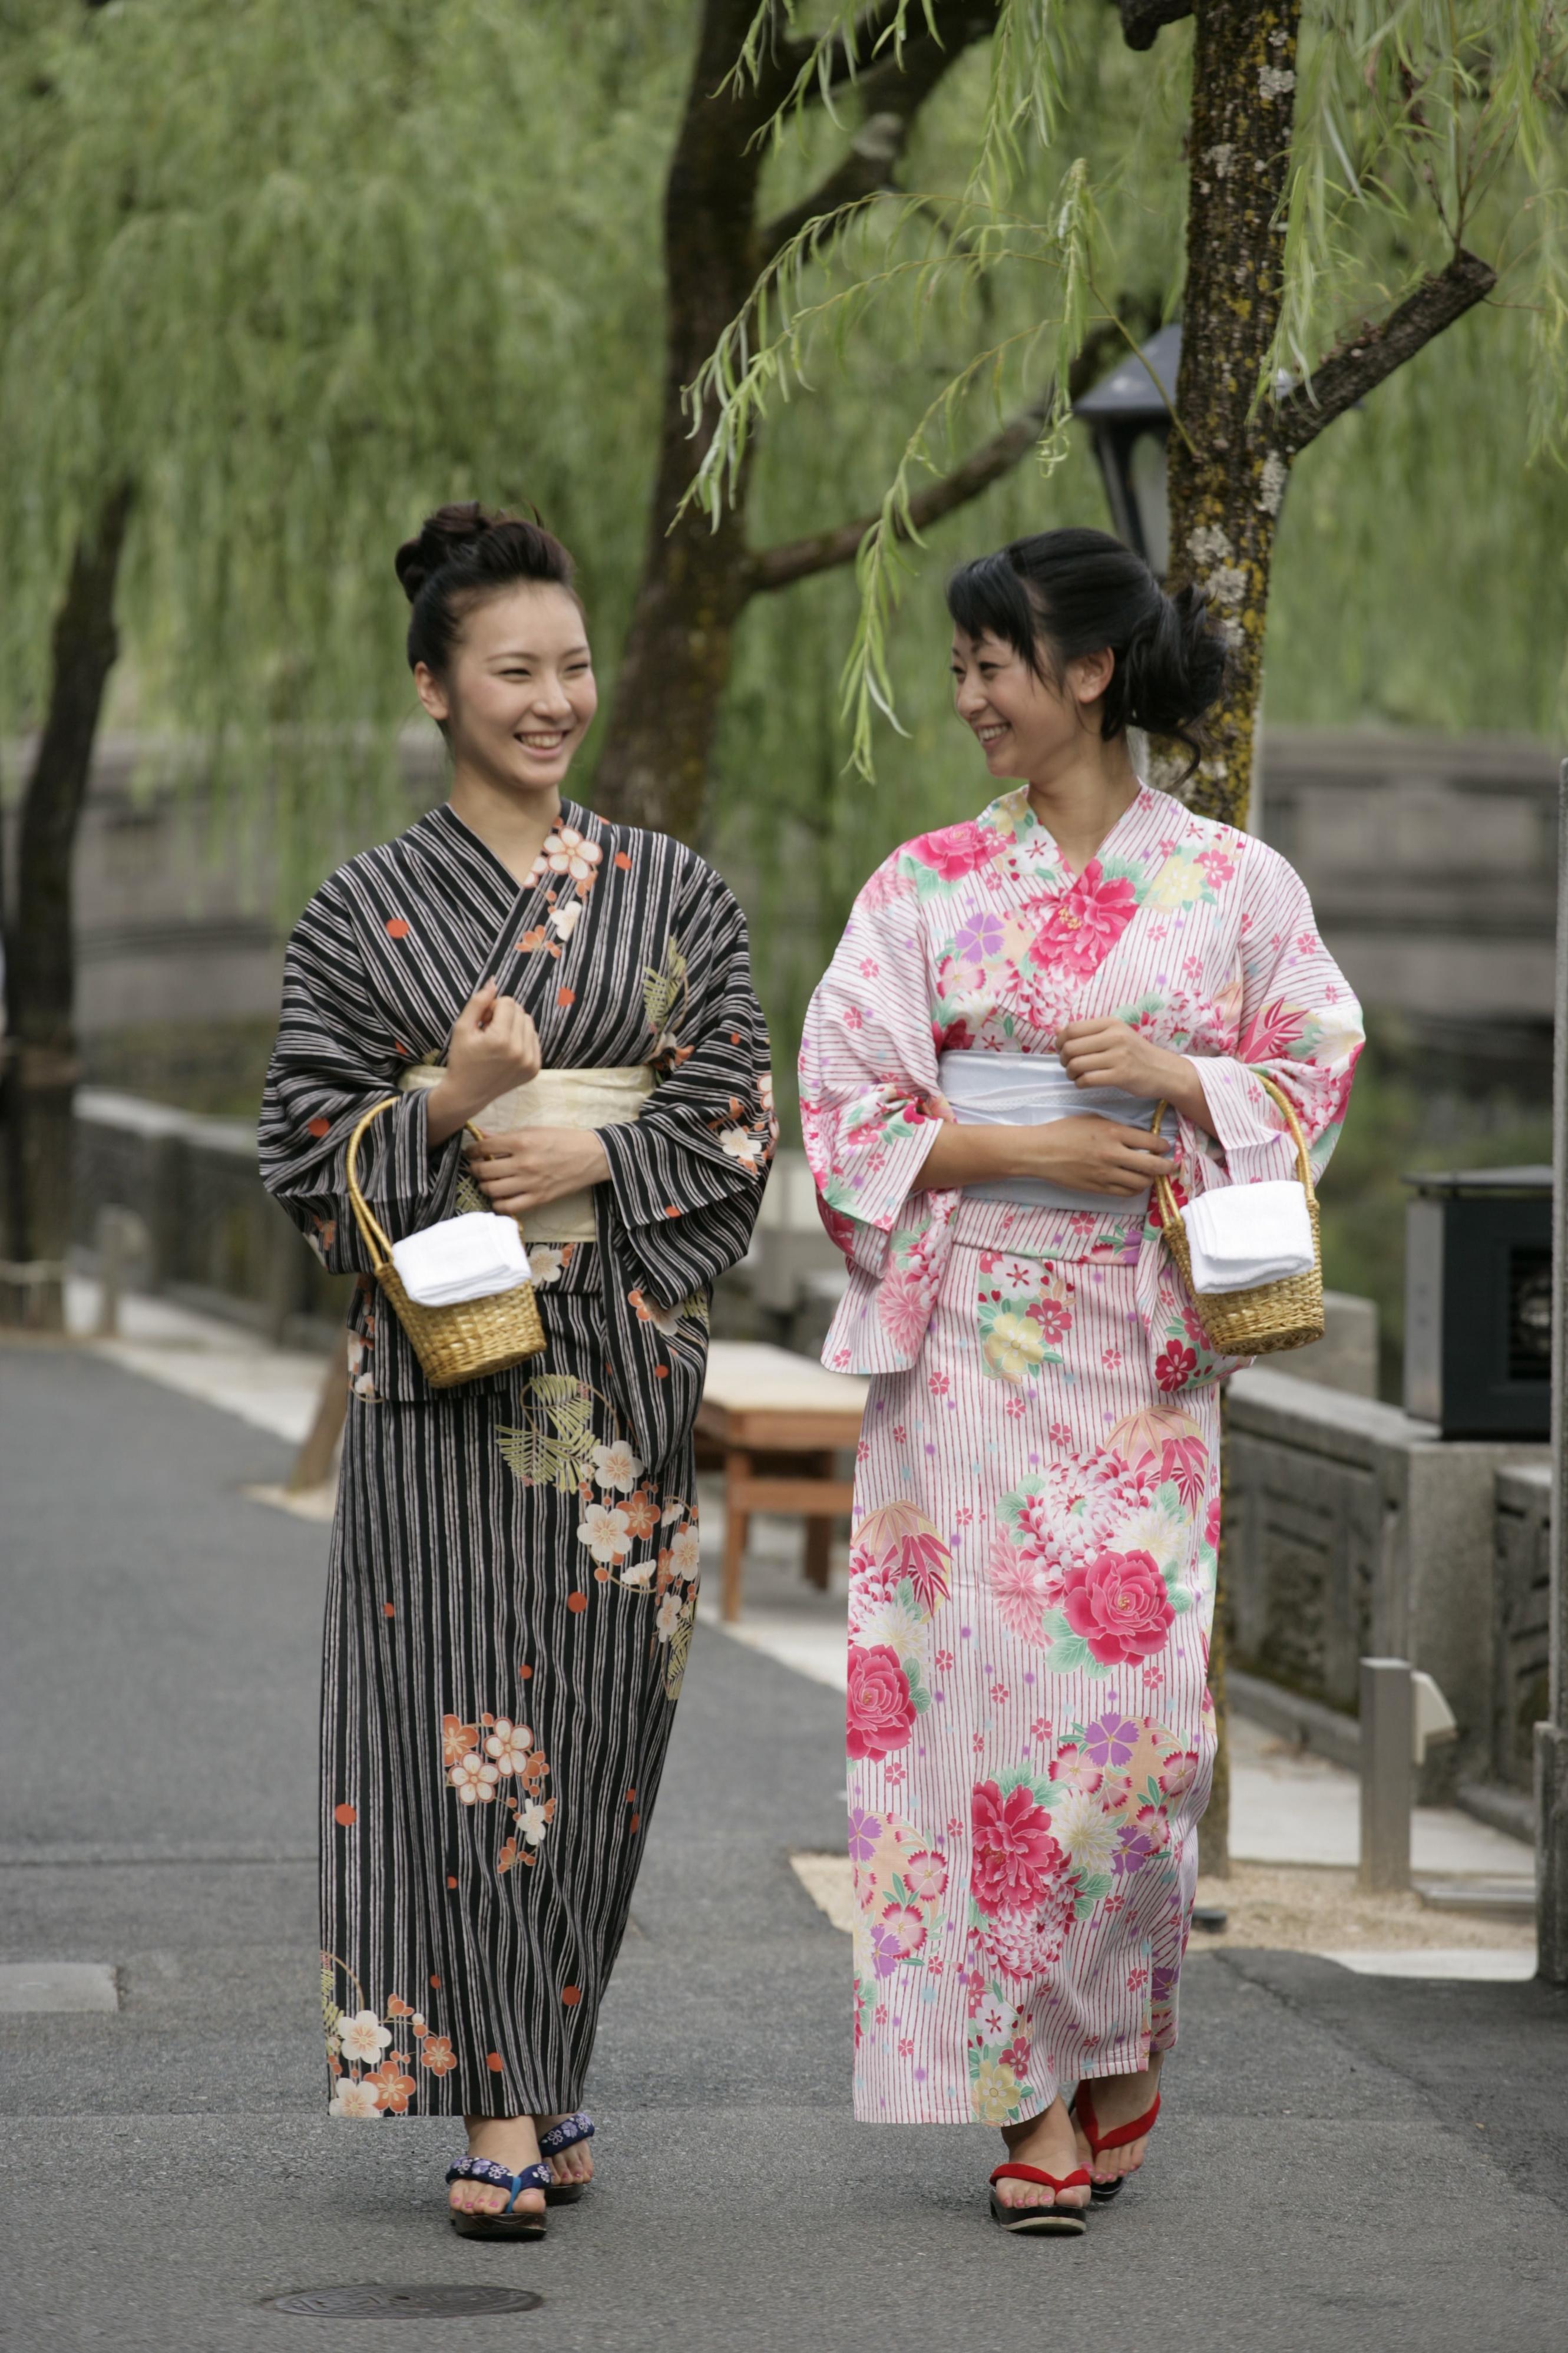 文豪たちが愛した街 「城崎温泉」の観光スポットおすすめランキング